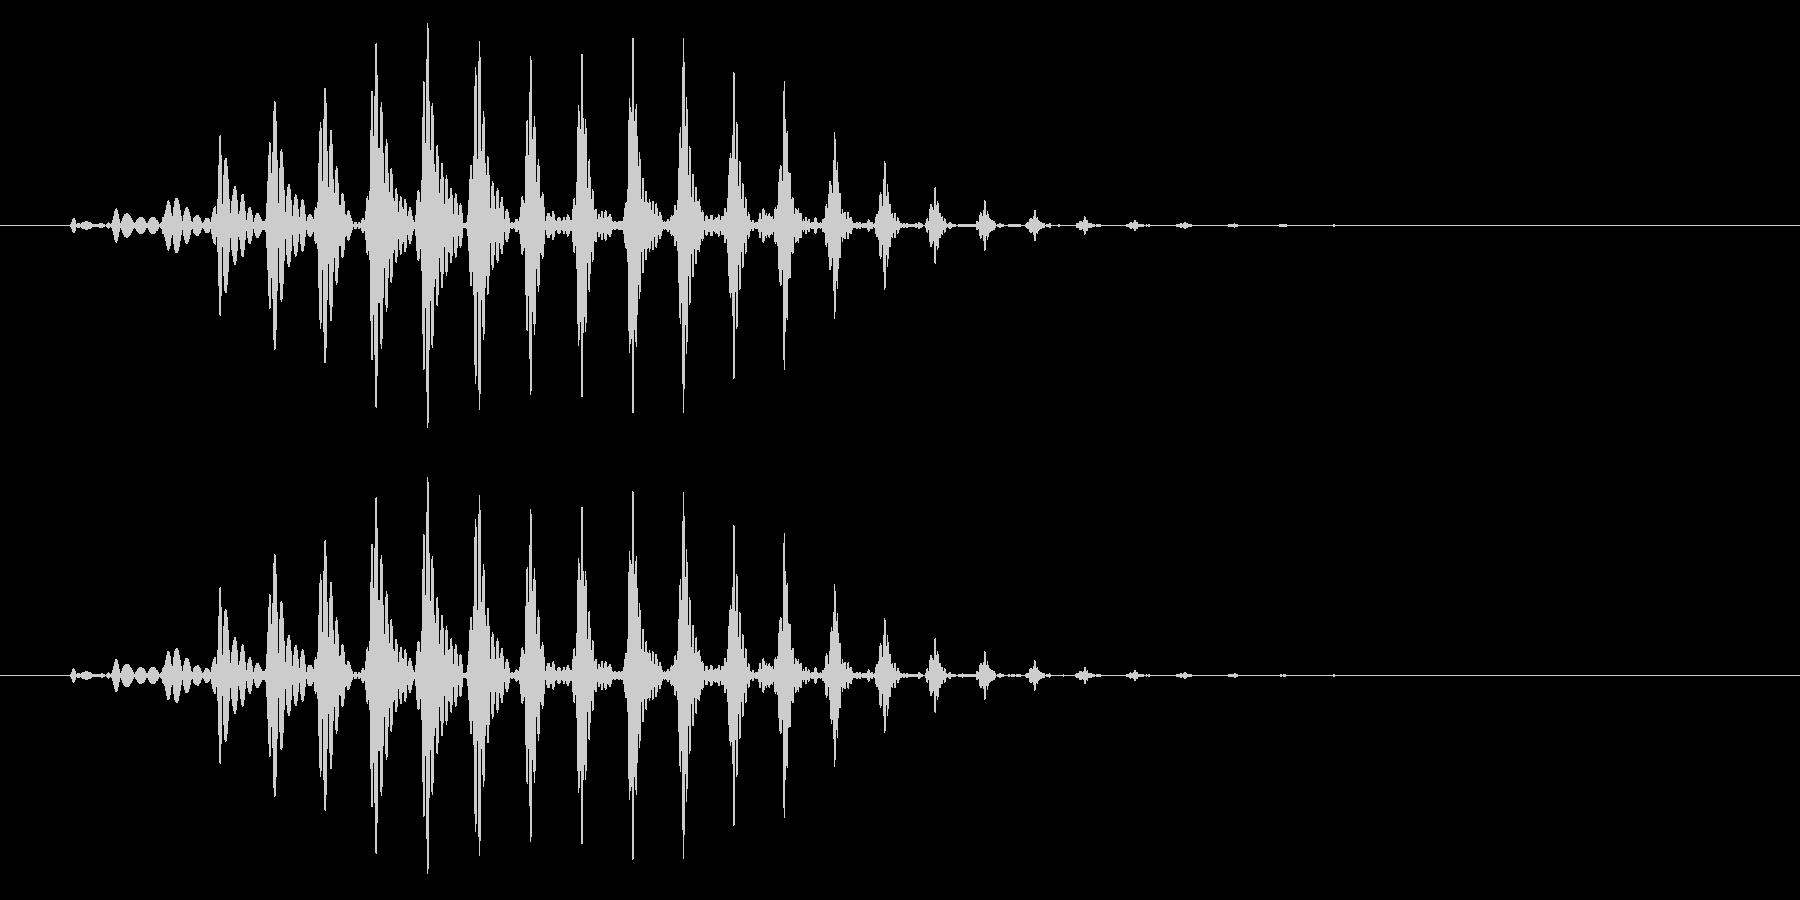 モァッという低い効果音の未再生の波形